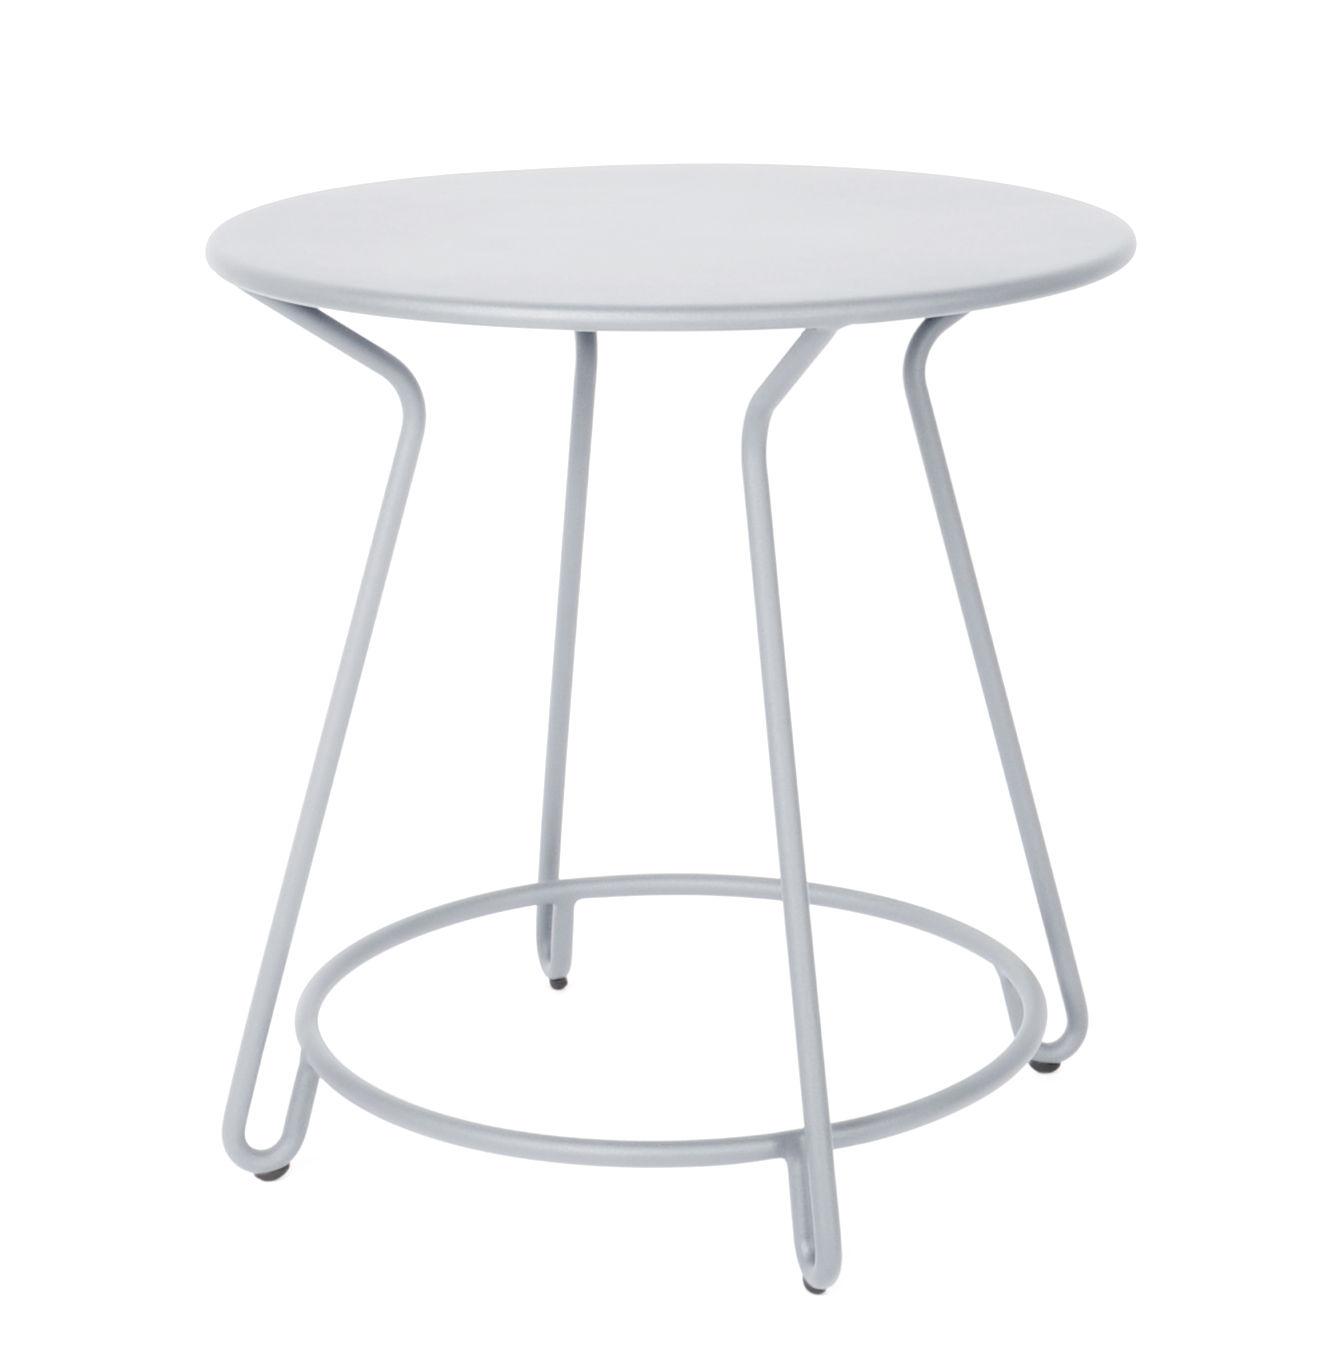 Outdoor - Tavoli  - Tavolo rotondo Huggy - / Ø 75 cm - Alluminio di Maiori - Grigio frosty - Alluminio laccato a polvere